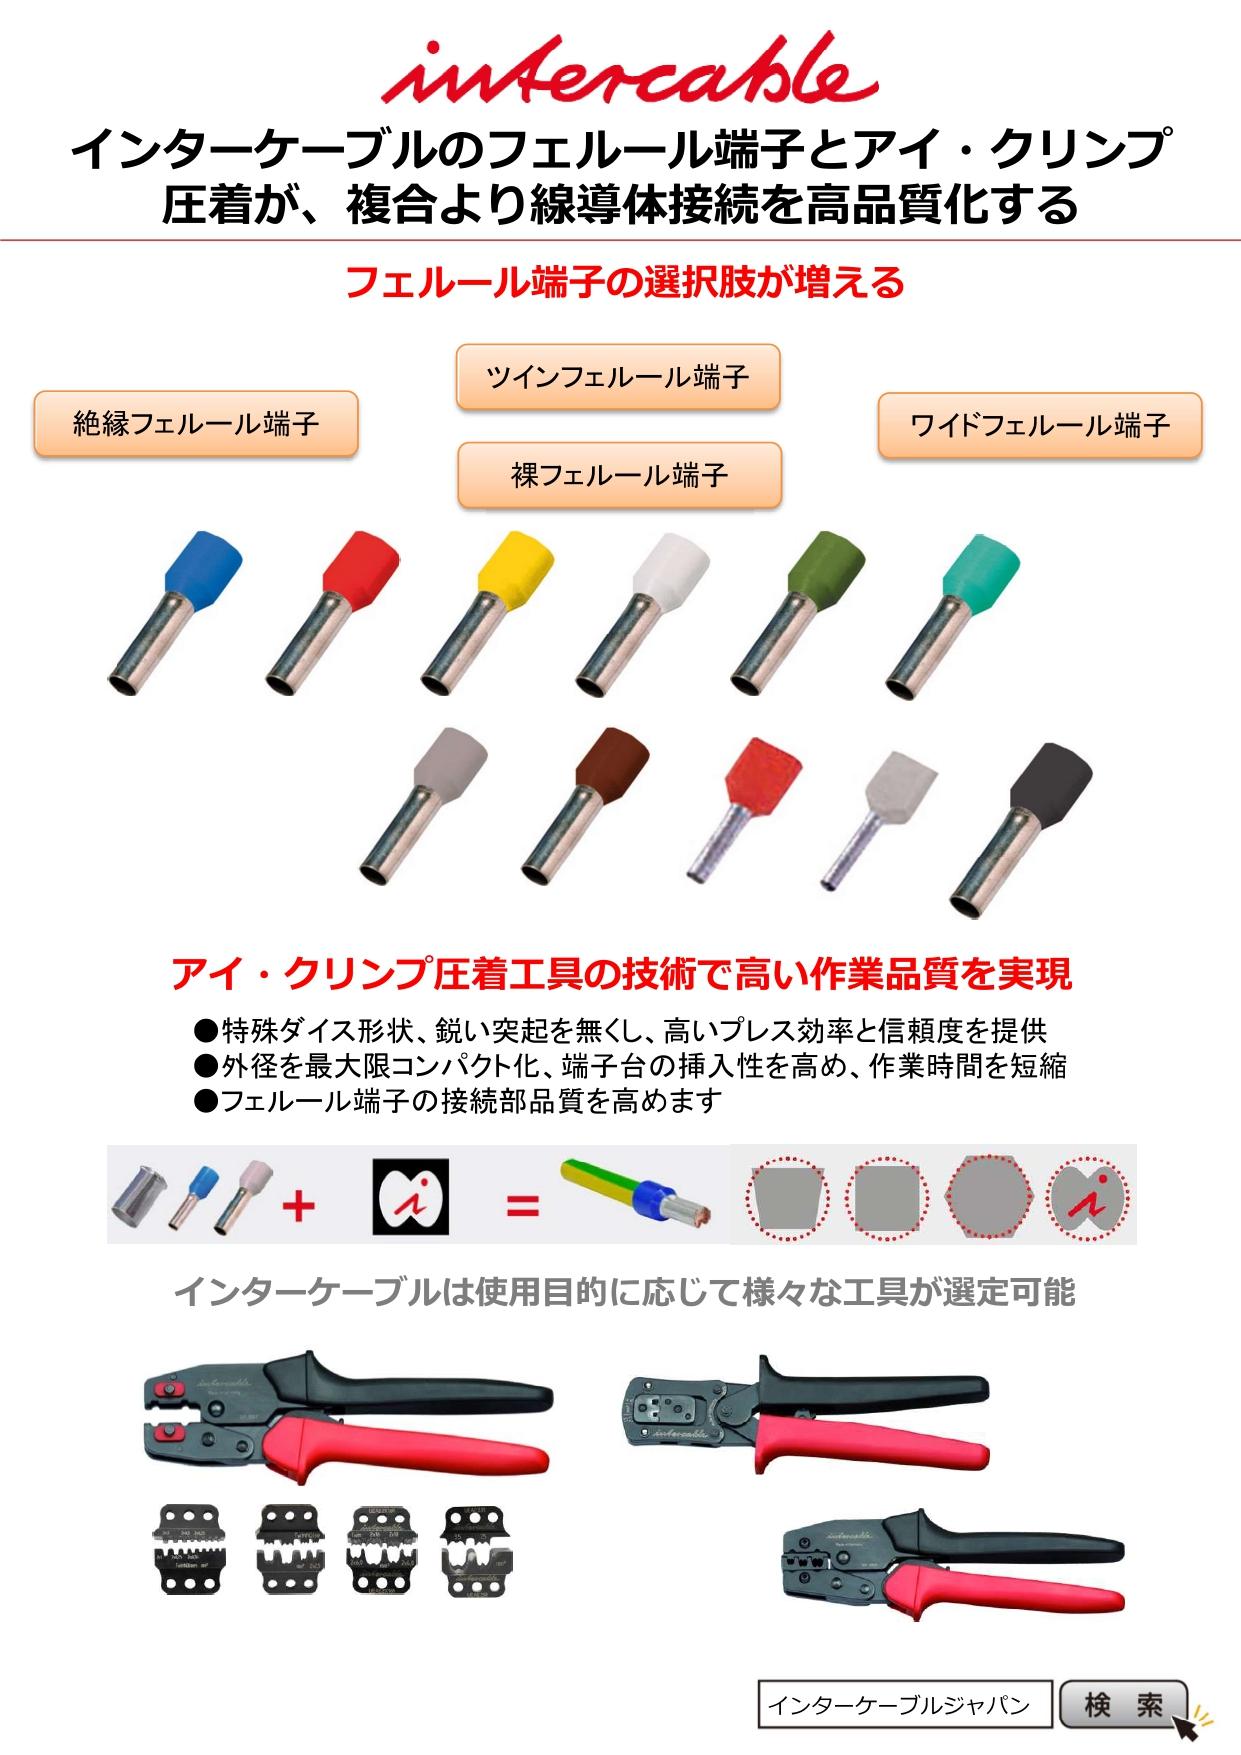 普及が進むプッシュイン端子台に対応! インターケーブルのフェルール端子&アイ・クリンプ工具